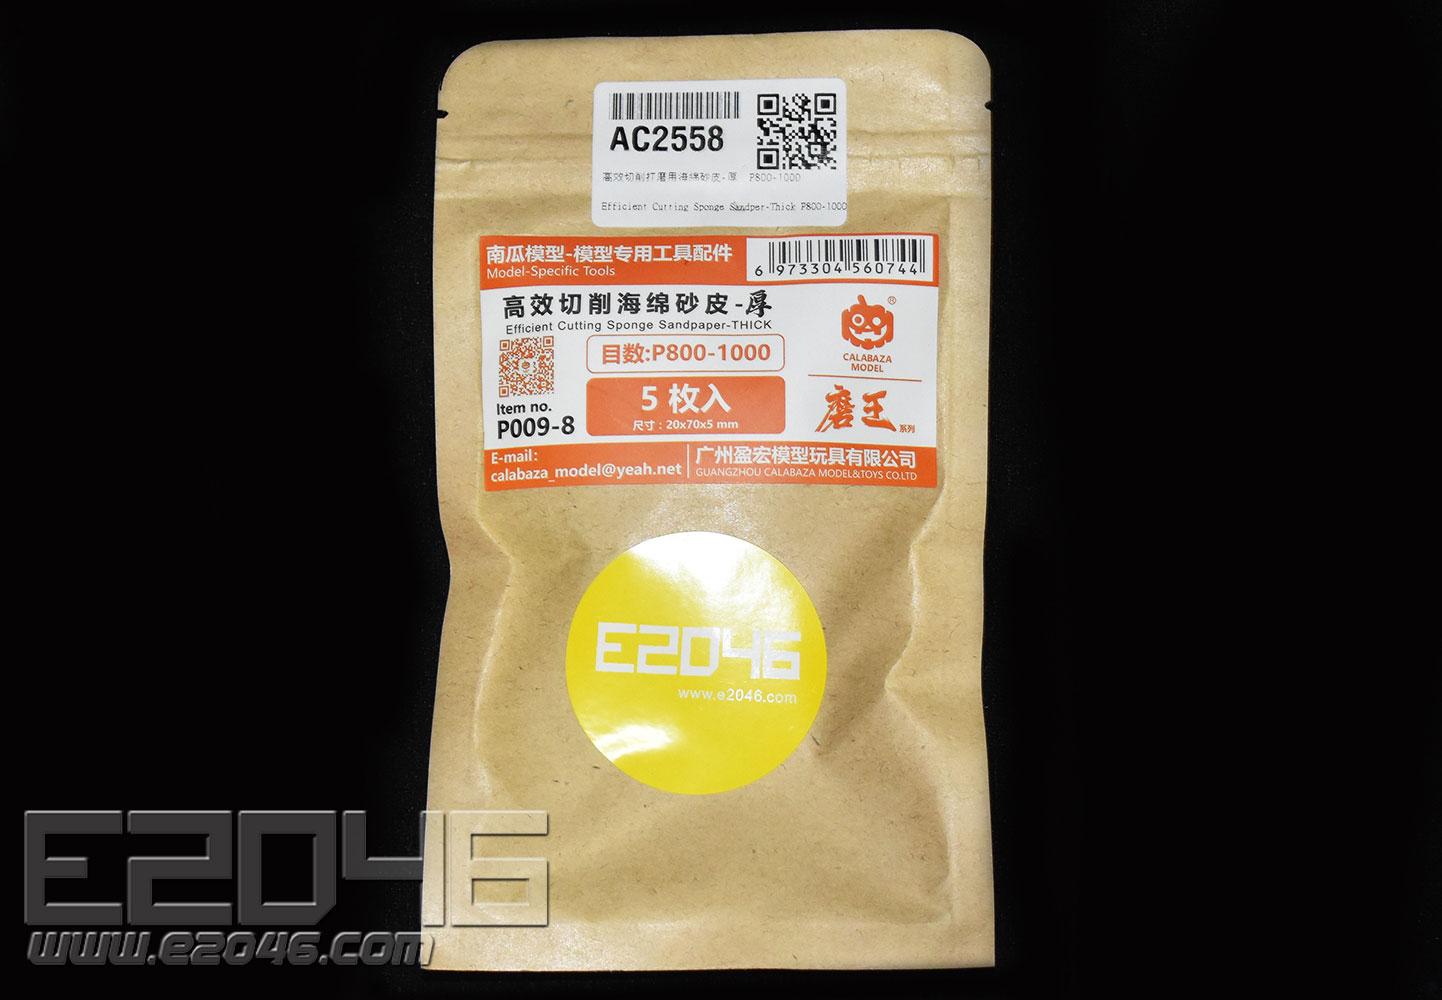 Efficient Cutting Sponge Sandper P800-1000*5